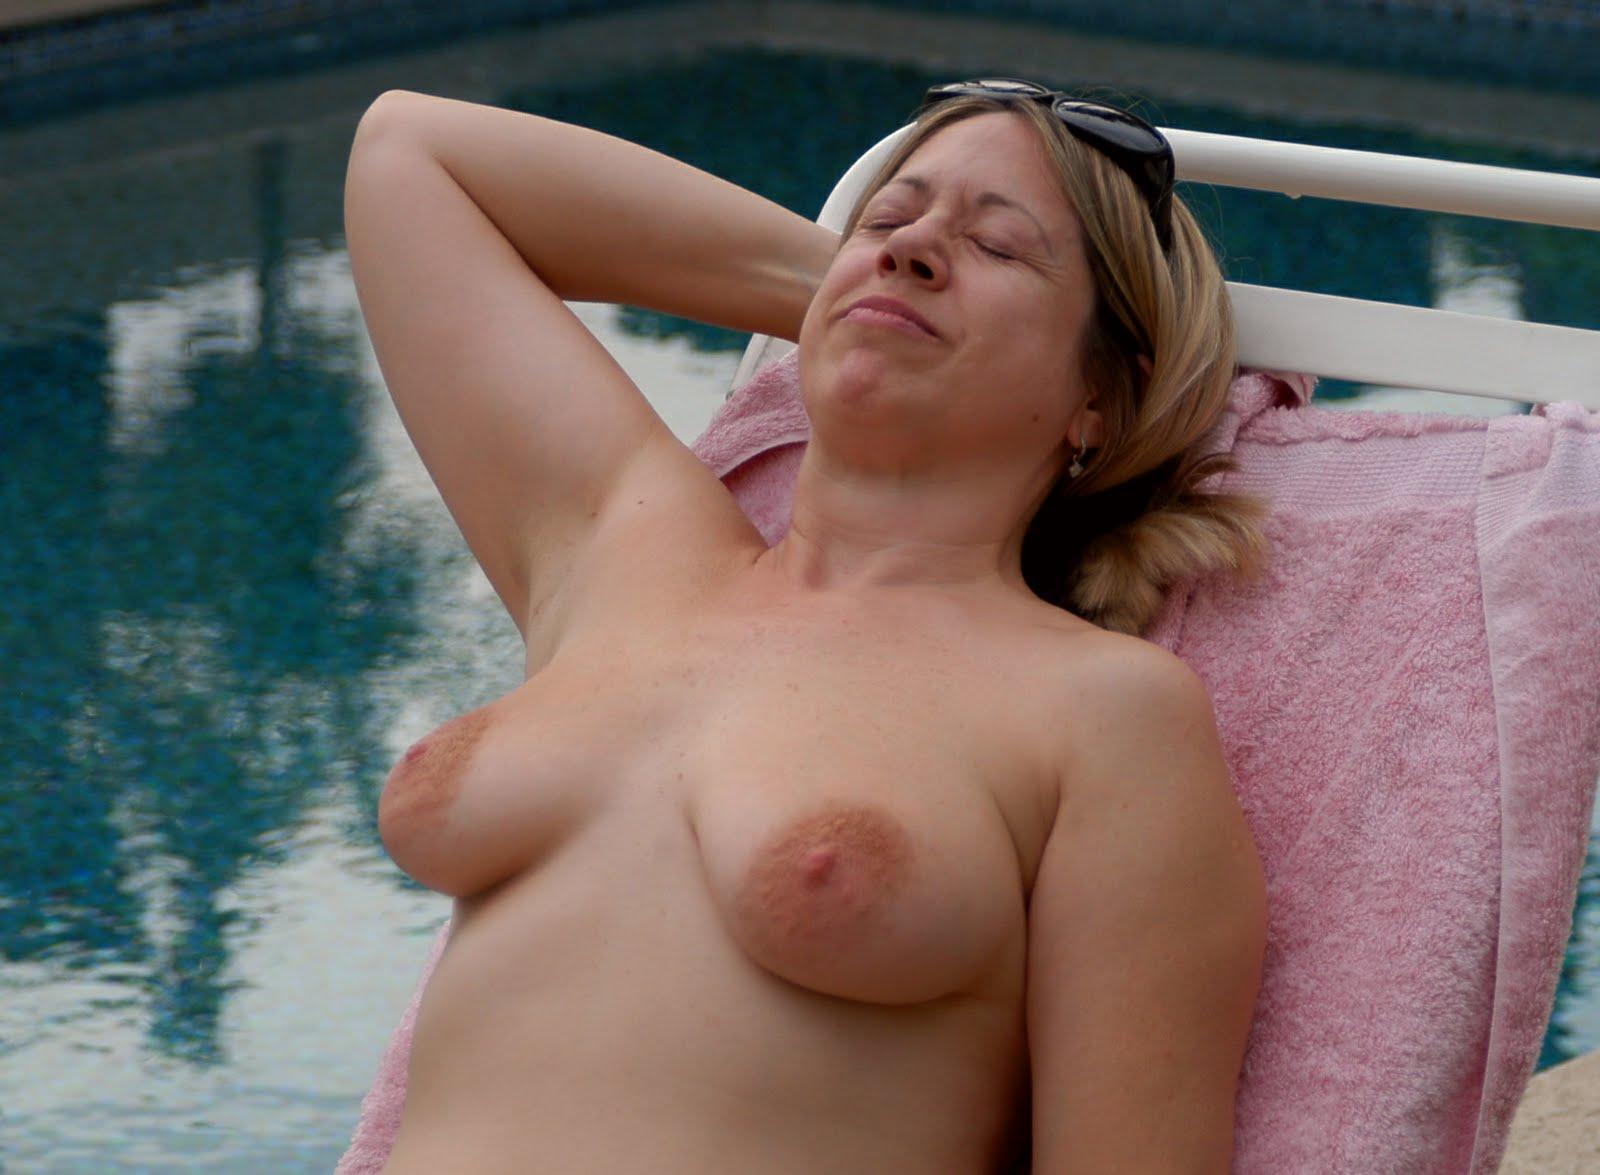 Camp sex nudist